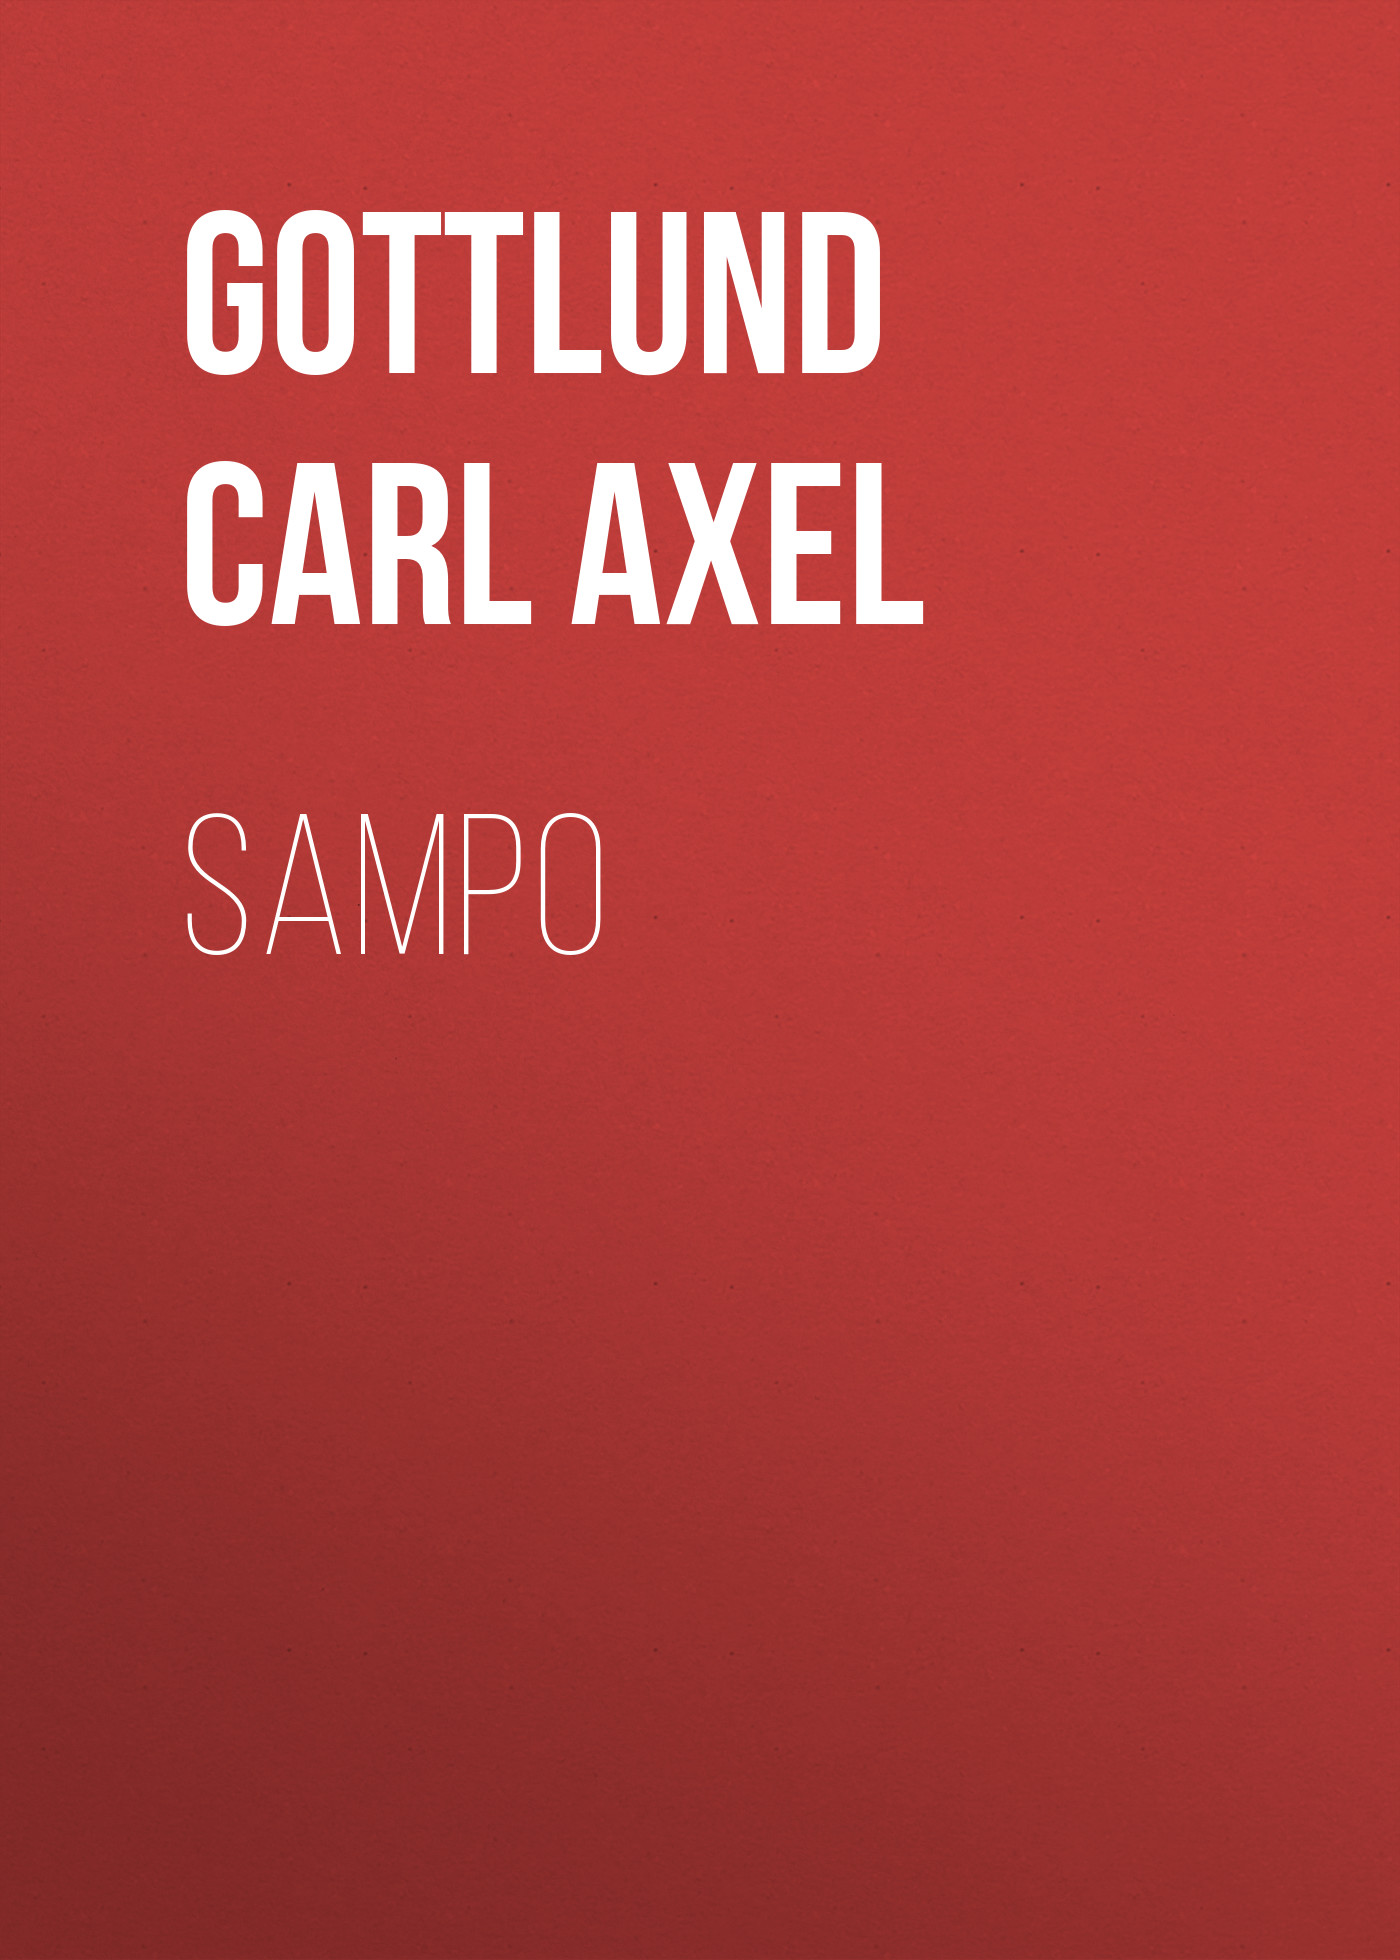 Gottlund Carl Axel Sampo